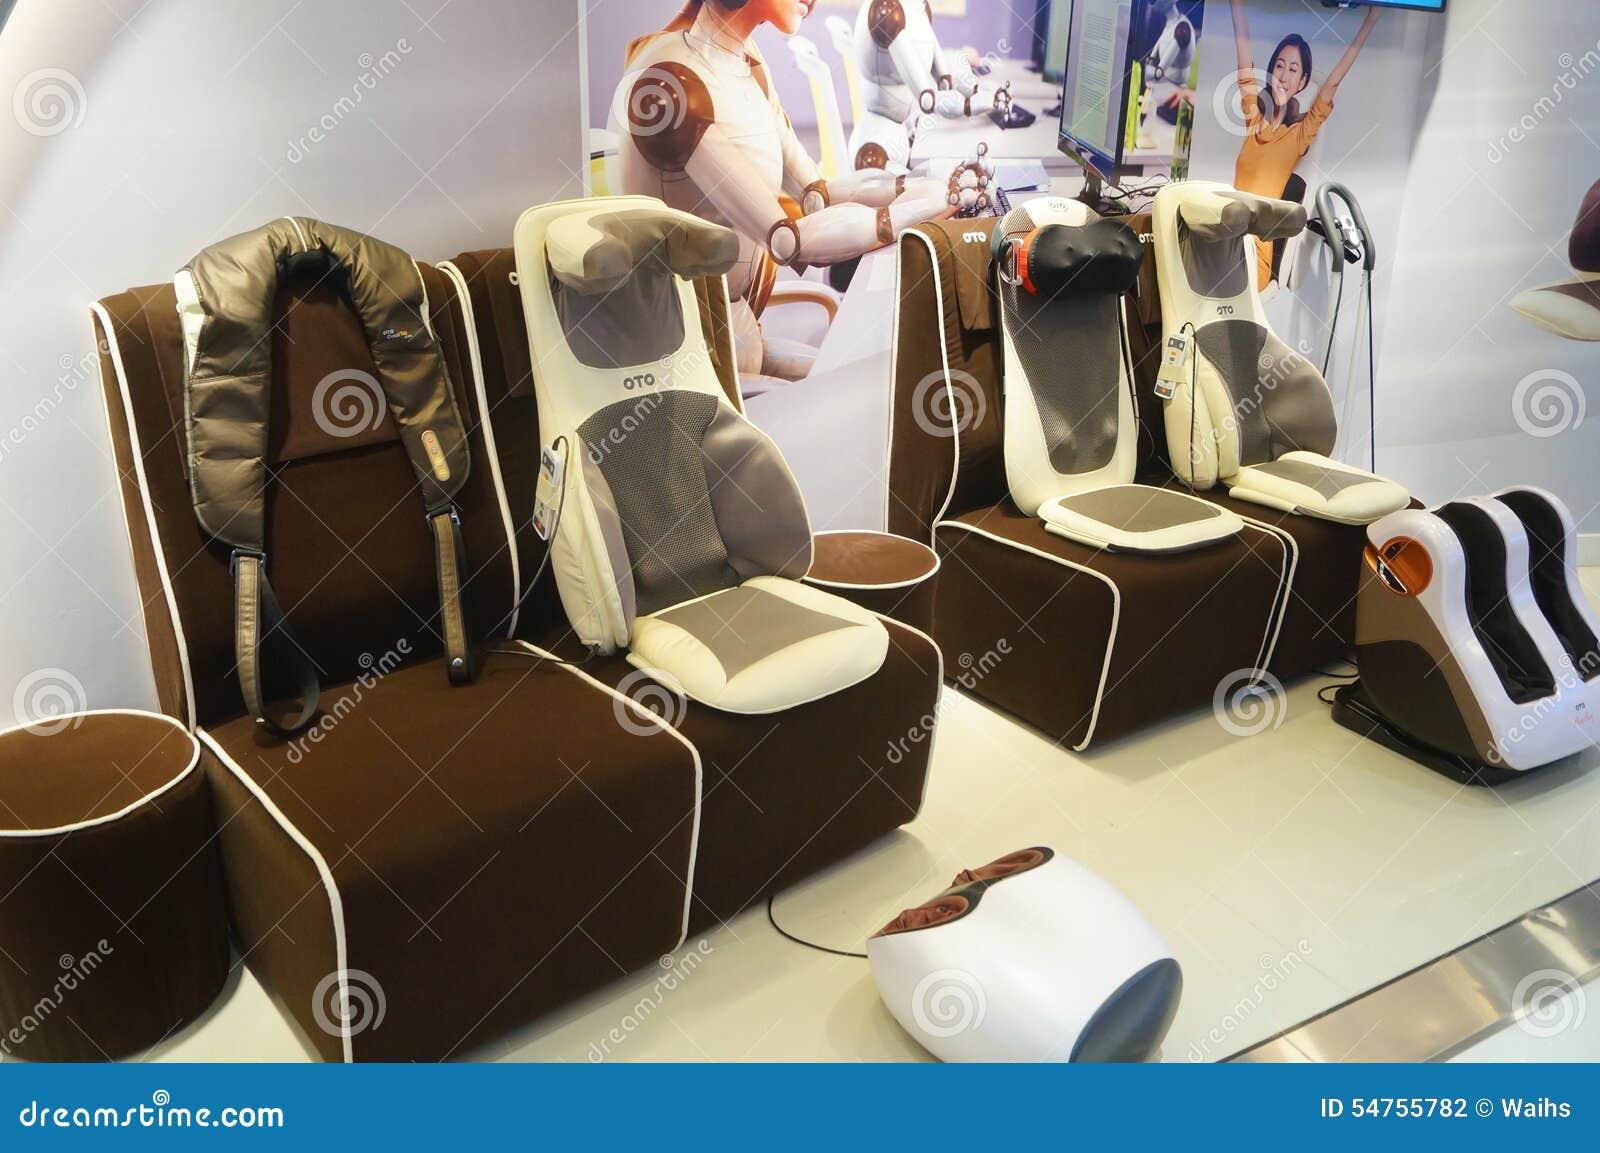 health massage chair sales